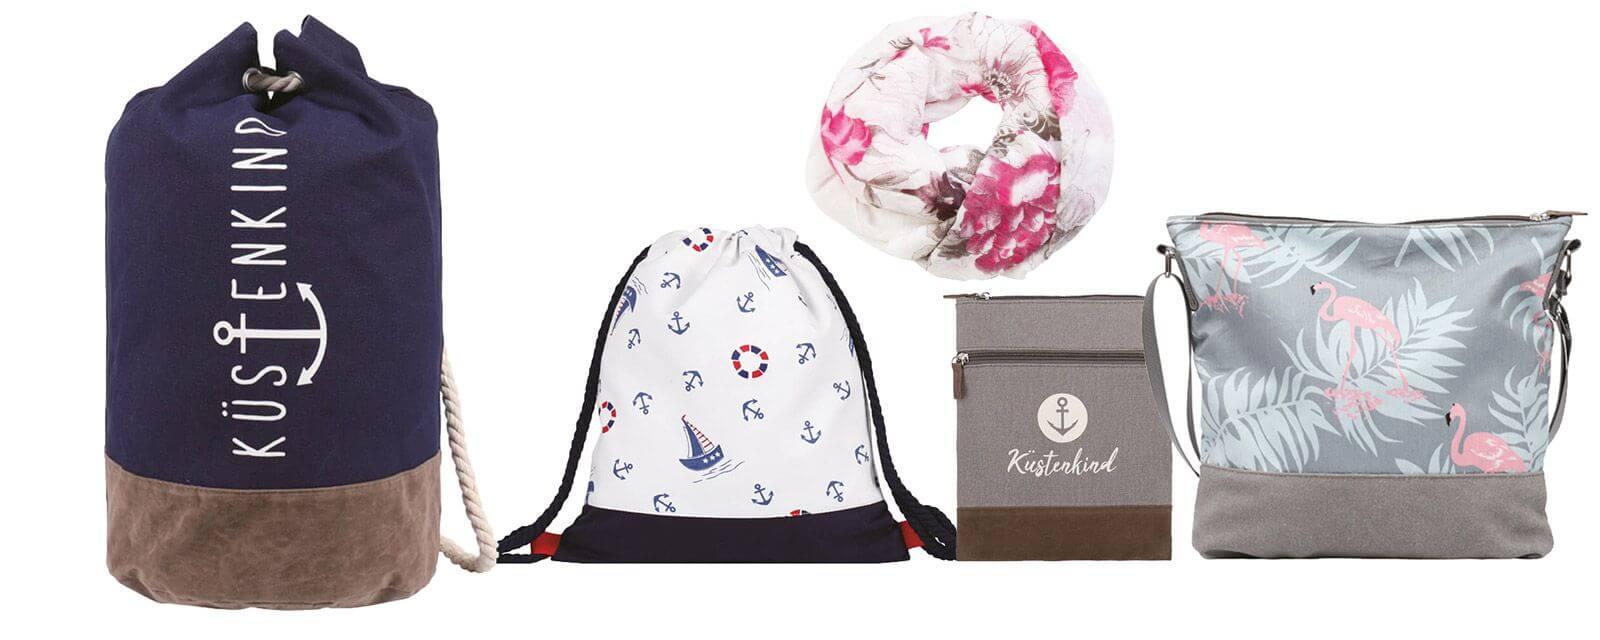 Taschen-Und-Accessoires-Online-Kaufen